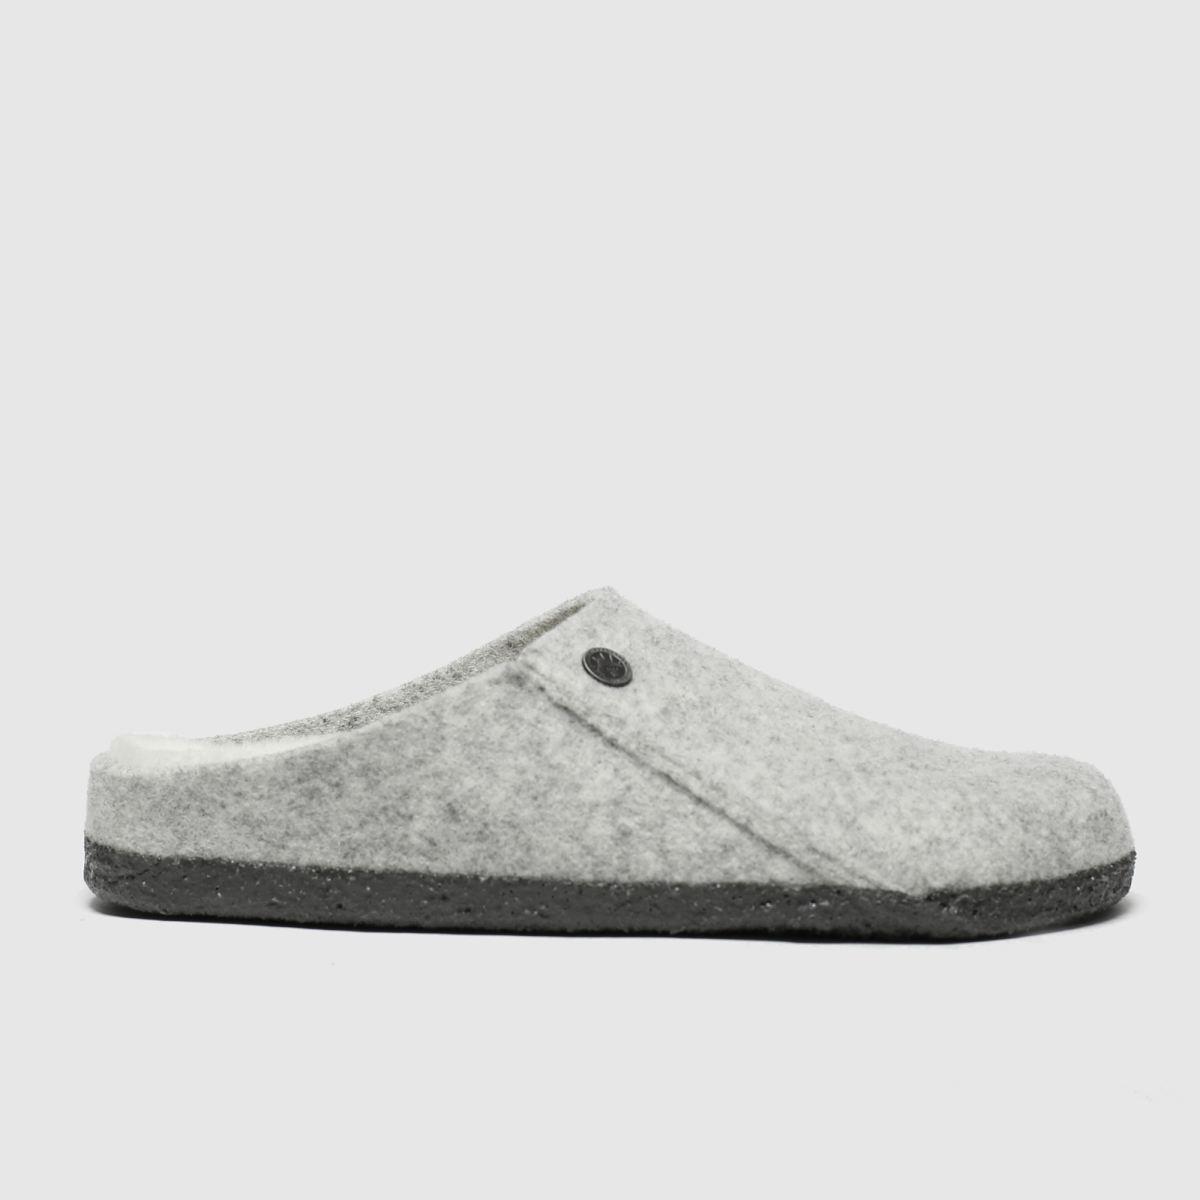 Birkenstock Grey Zermatt Shearling Slipper Slippers